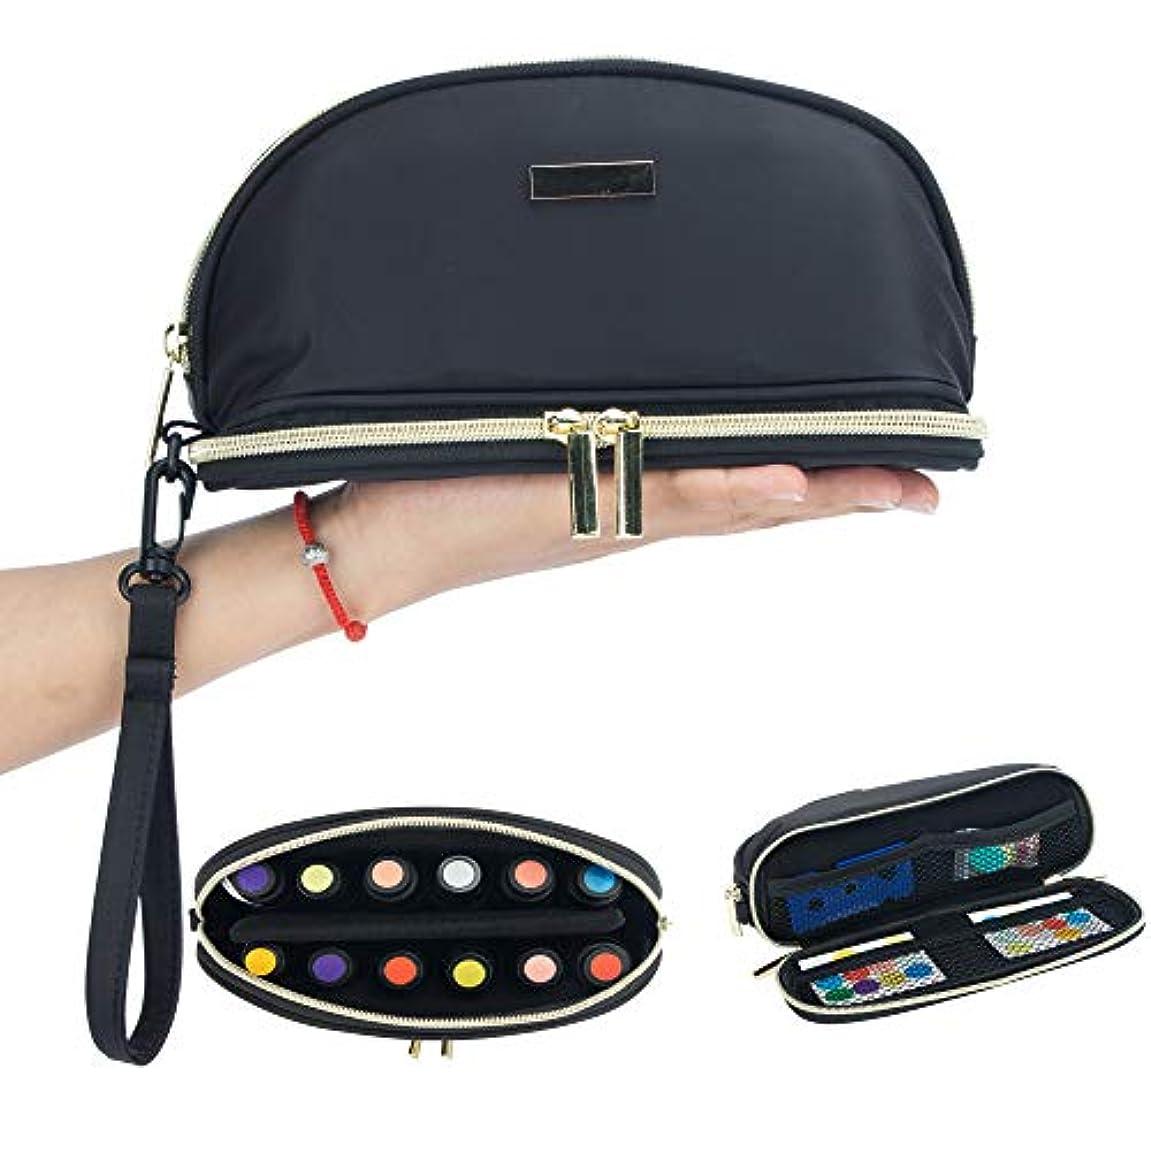 自伝デッドロック鎖[Pacmaxi]エッセンシャルオイル 収納ポーチ 携帯便利 旅行 12本収納(5ml - 15ml) ナイロン製 撥水加工 ストラップあり (12本用ブラック)